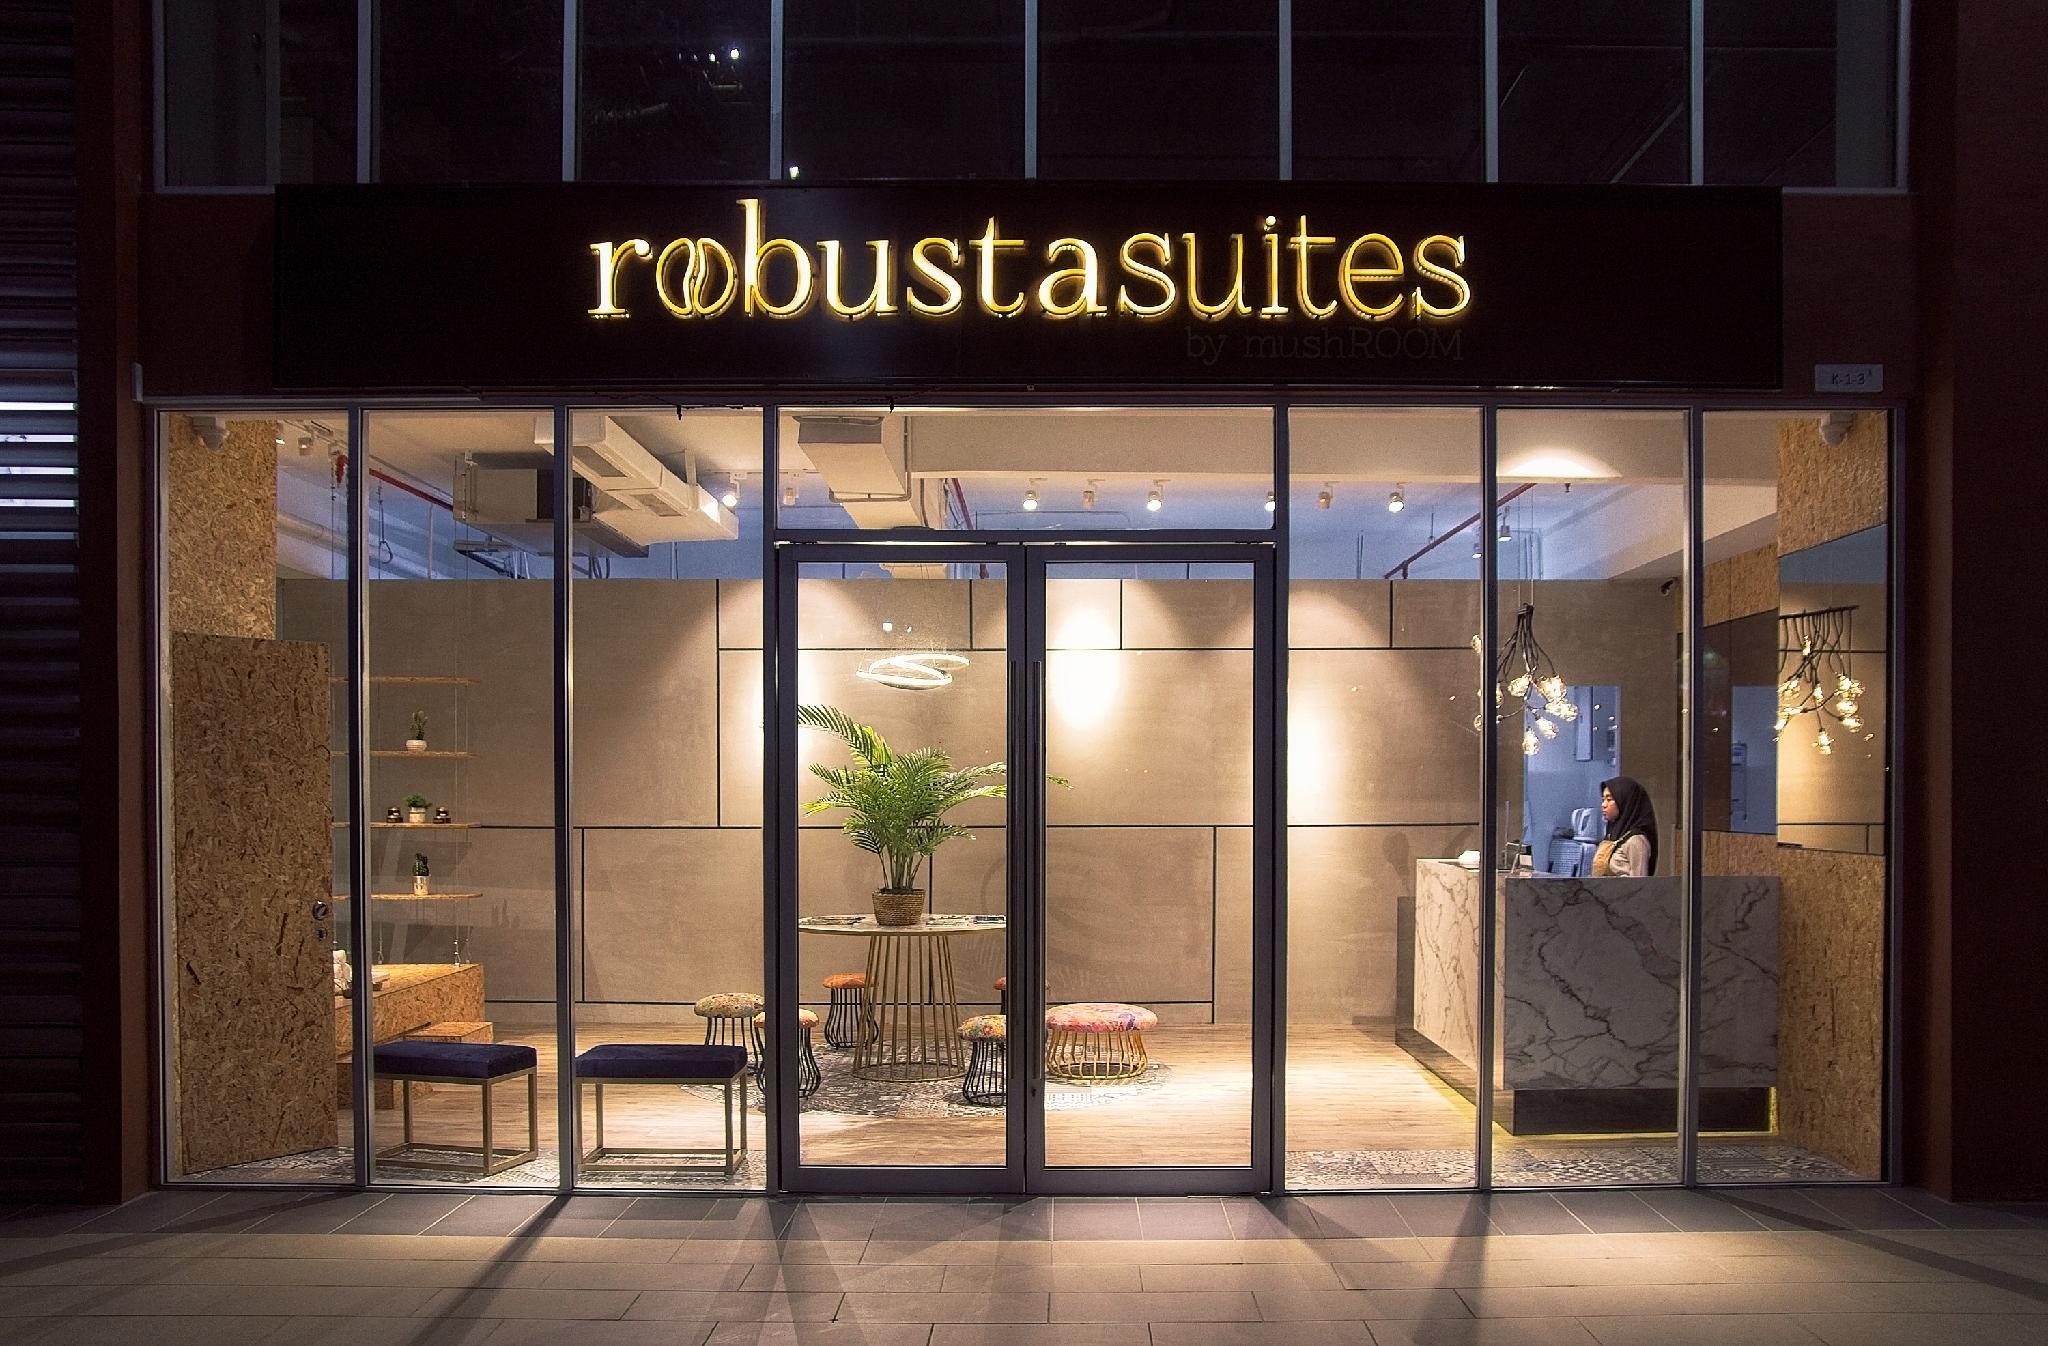 Robusta Suites by mushROOM, Kota Kinabalu